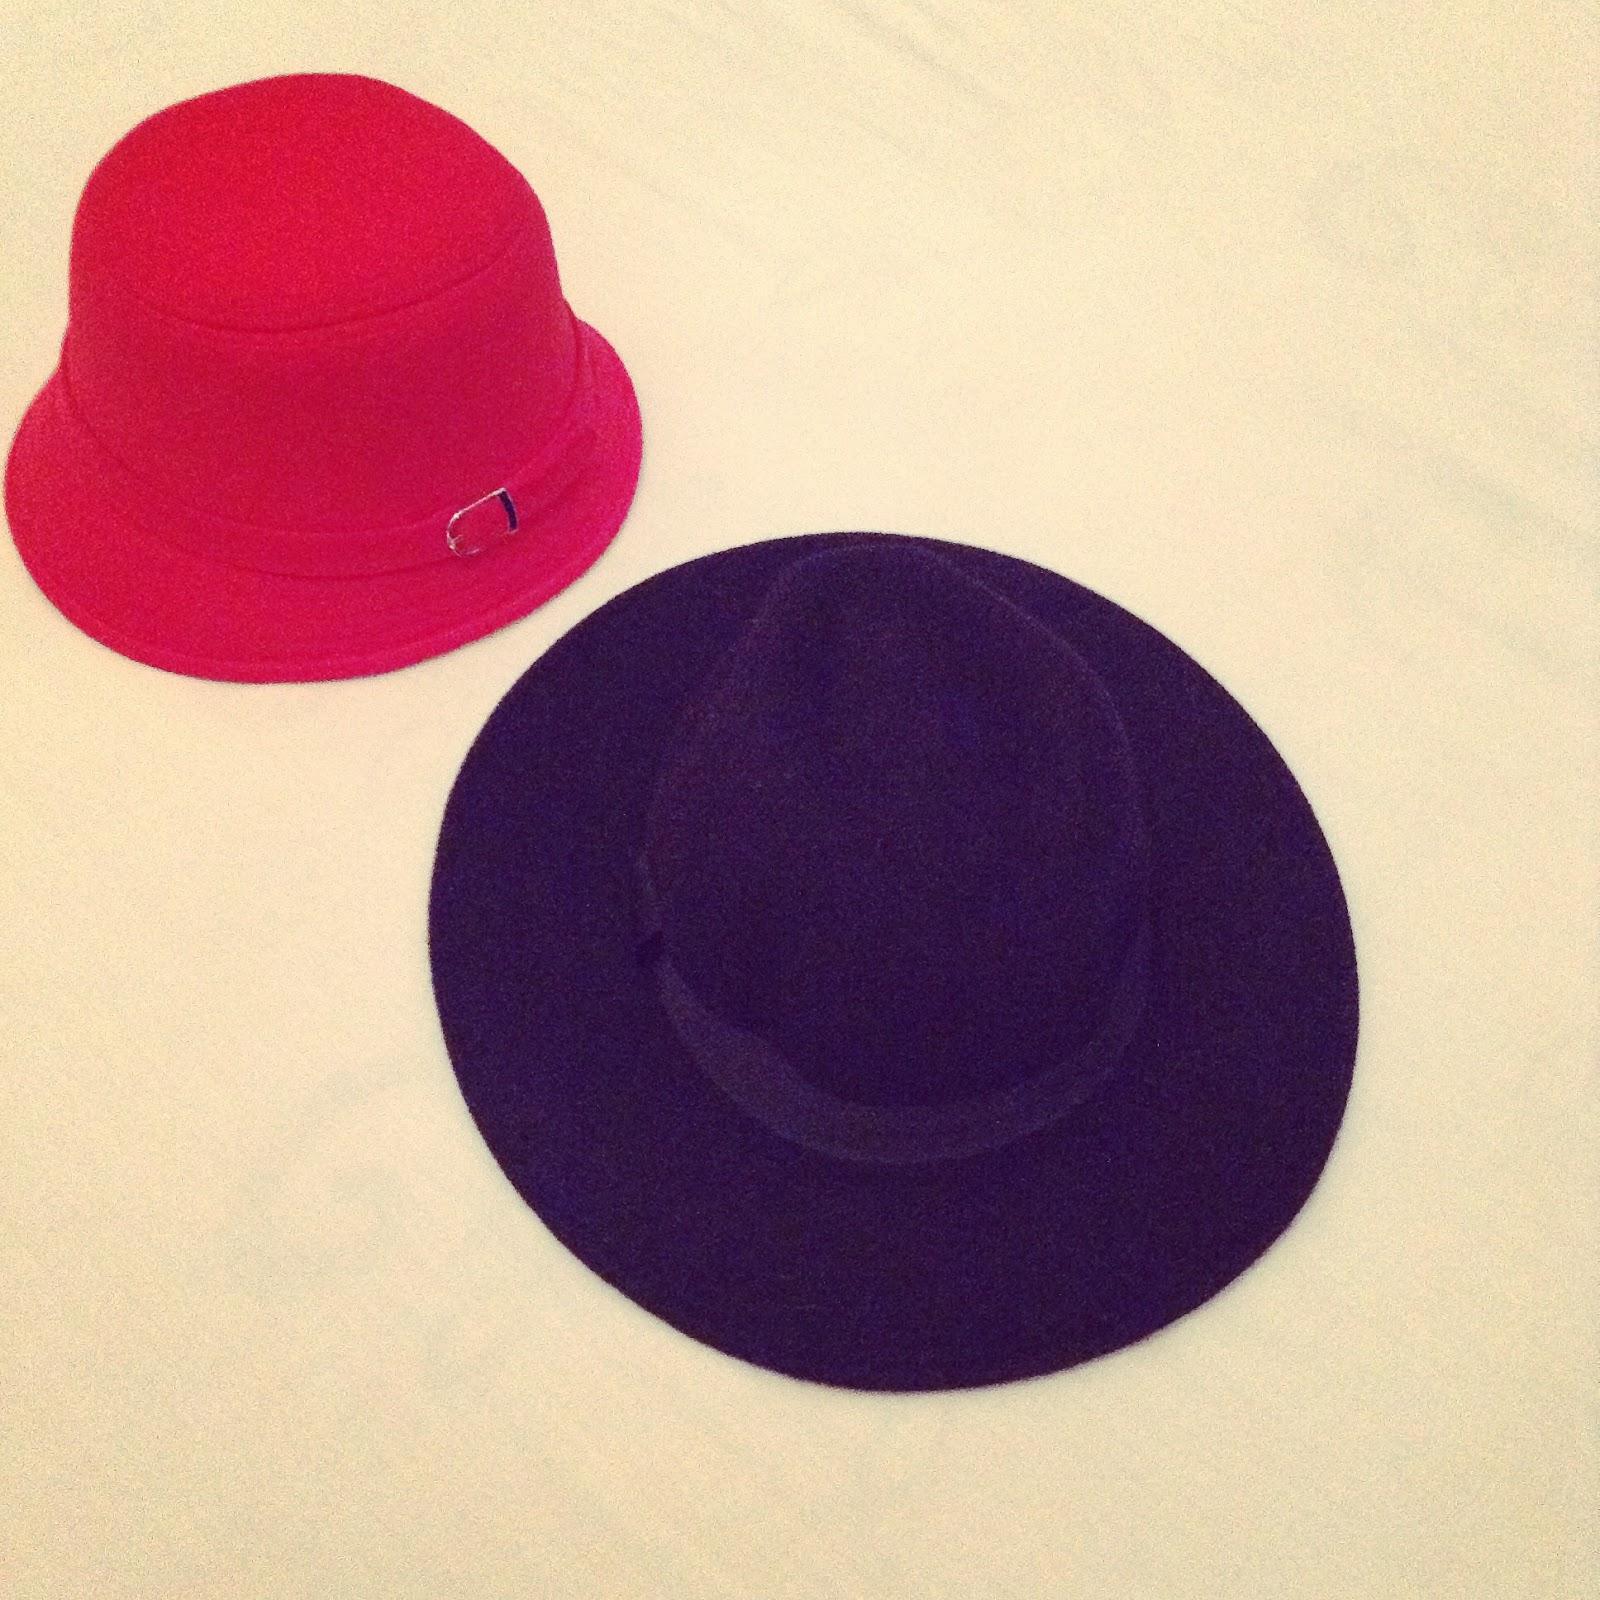 868fde01371d9 Sombrero rojo -Las Penélope-  Sombrero negro -H M-.